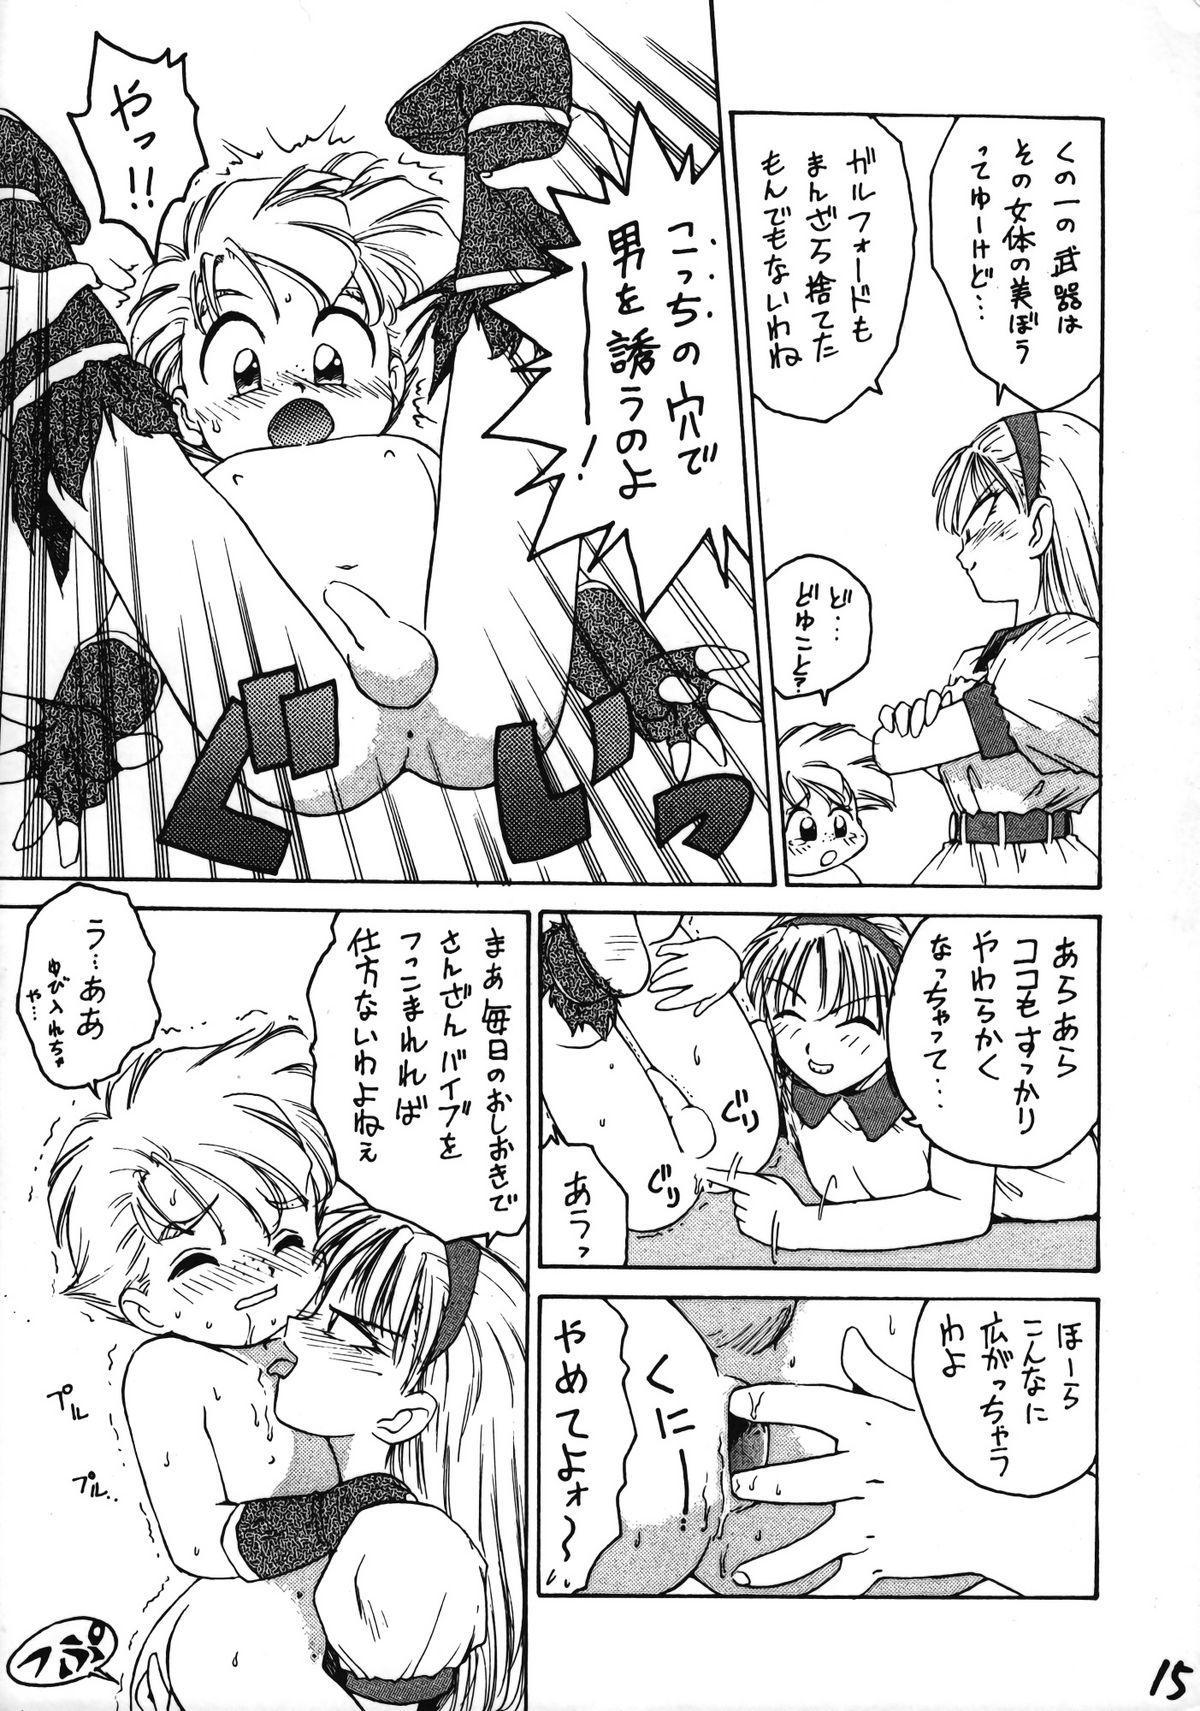 Ikenai! Otokonoko Hon Boy's H Book 2 15